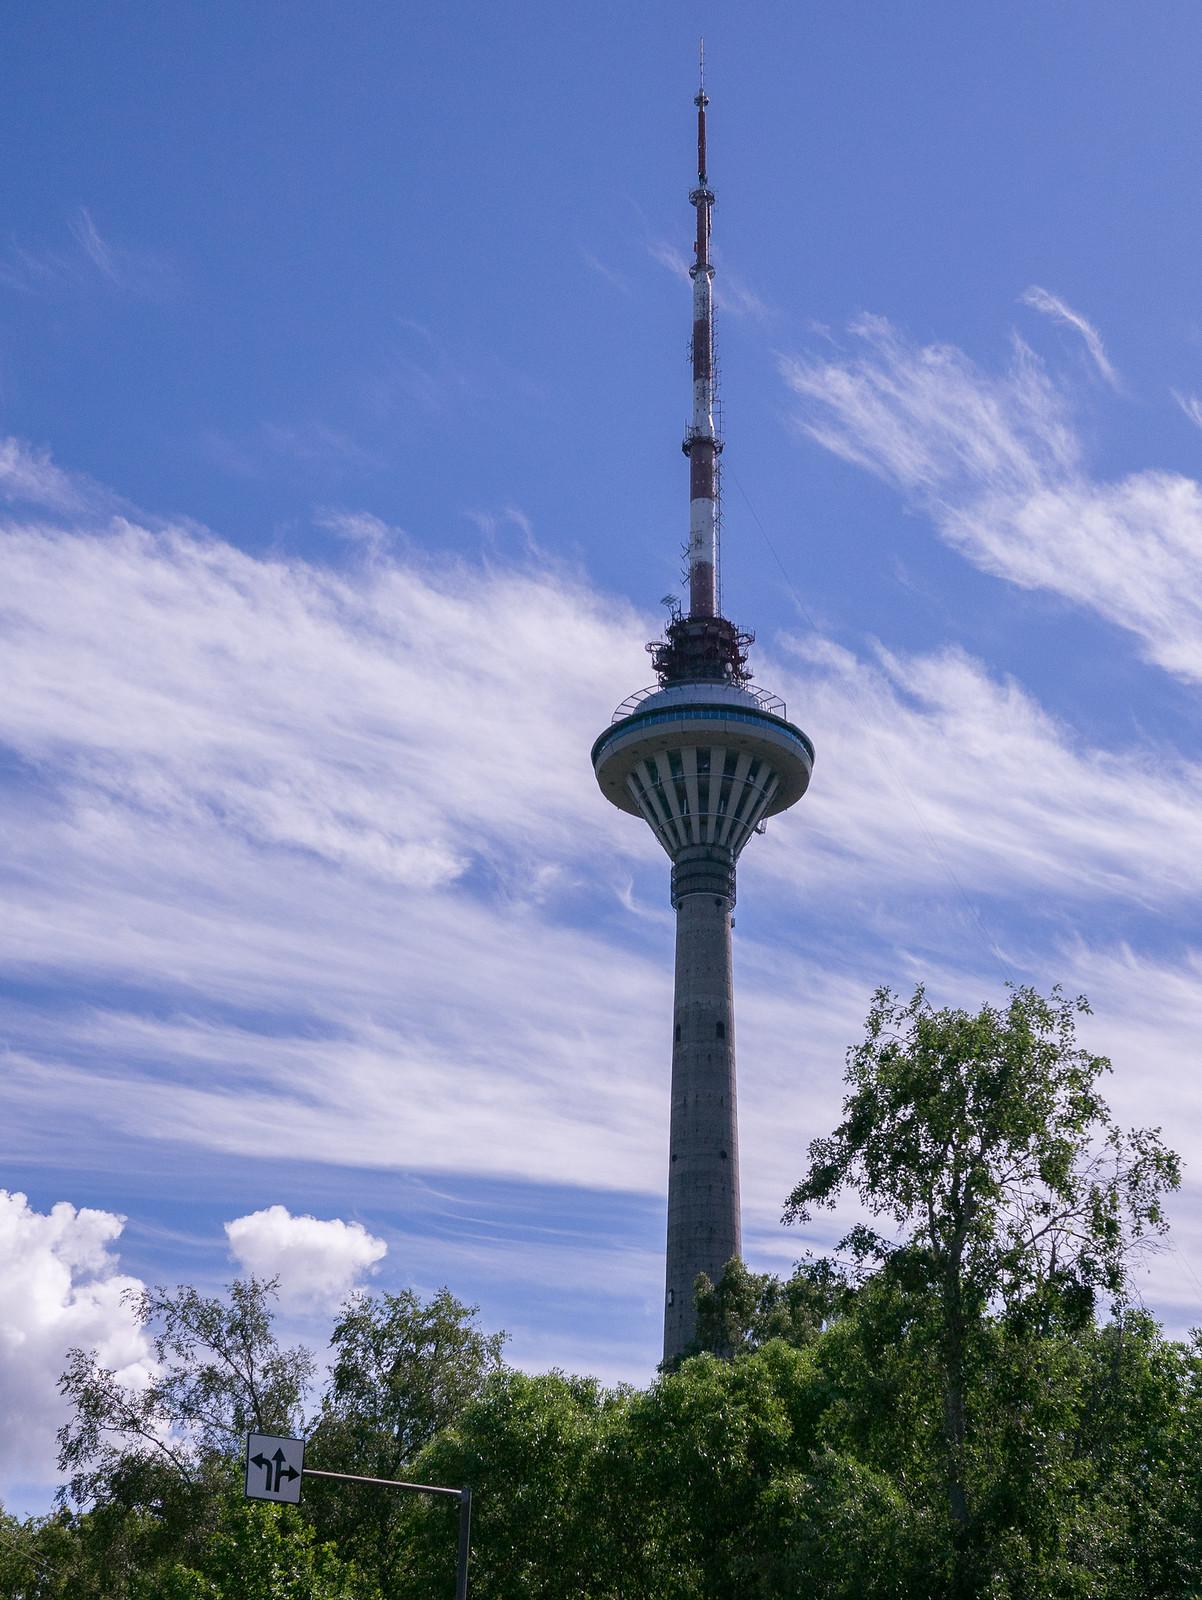 Teletorn / TV tower